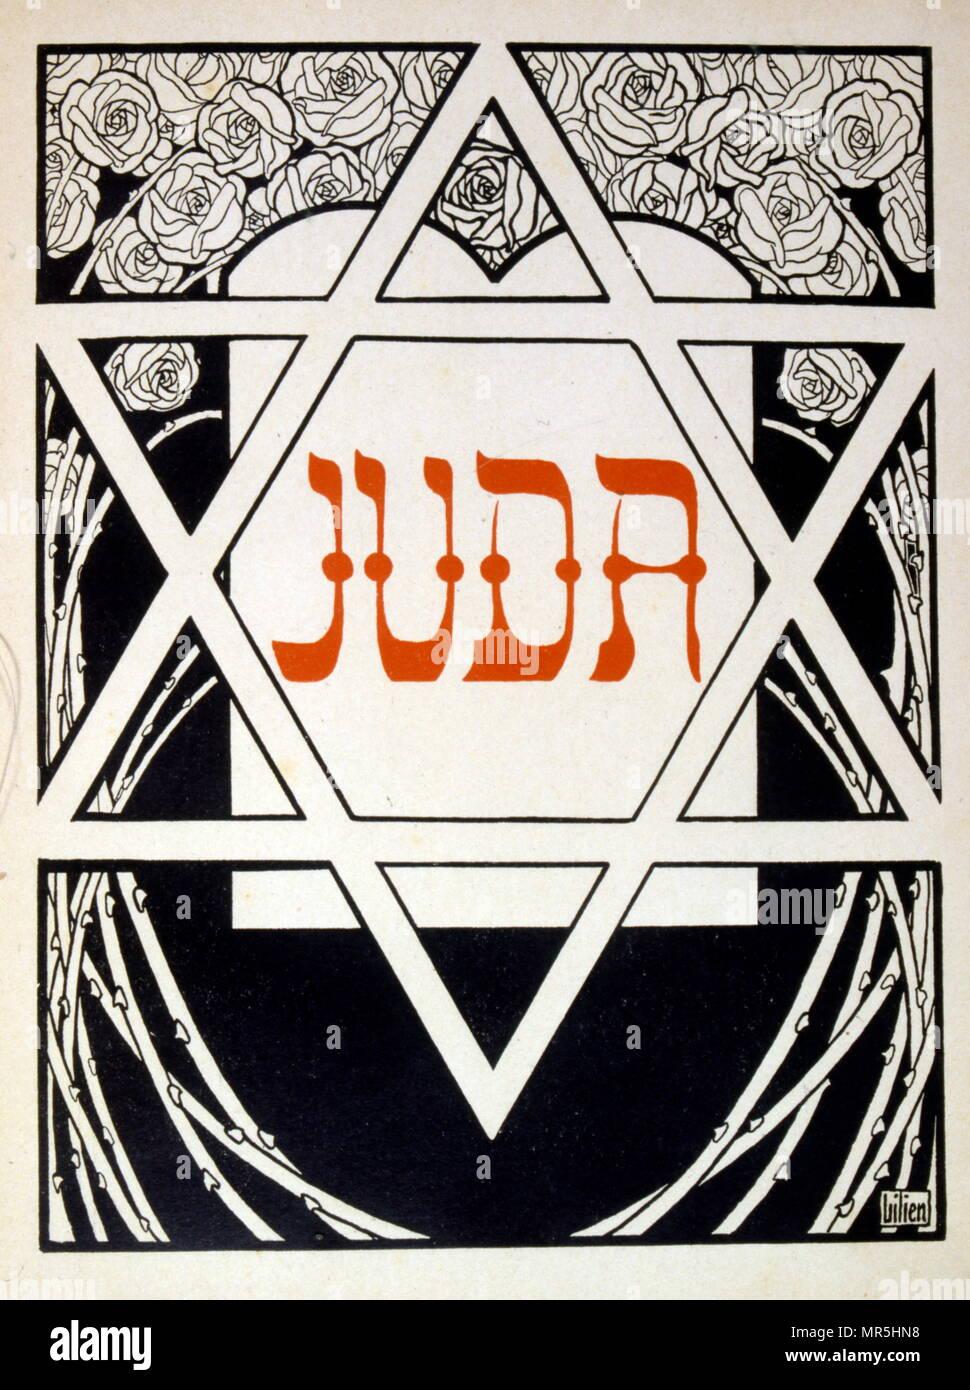 """Judá', una colección de baladas por el poeta no-Judía Börries von Münchhausen 1874 - 1945. Ilustrado por Efraín Moisés Lilien (1874-1925), ilustrador y grabador de estilo art nouveau, que destaca por su arte sobre temas judíos. Él es a veces llamado """"el primer artista sionista. La relación de Münchhausen al Judaísmo sigue siendo ambivalente: Munchhausen no consideran que la """"raza judía"""" inferior, sino que simplemente quería evitar una """"mezcla"""" con los judíos alemanes. Foto de stock"""